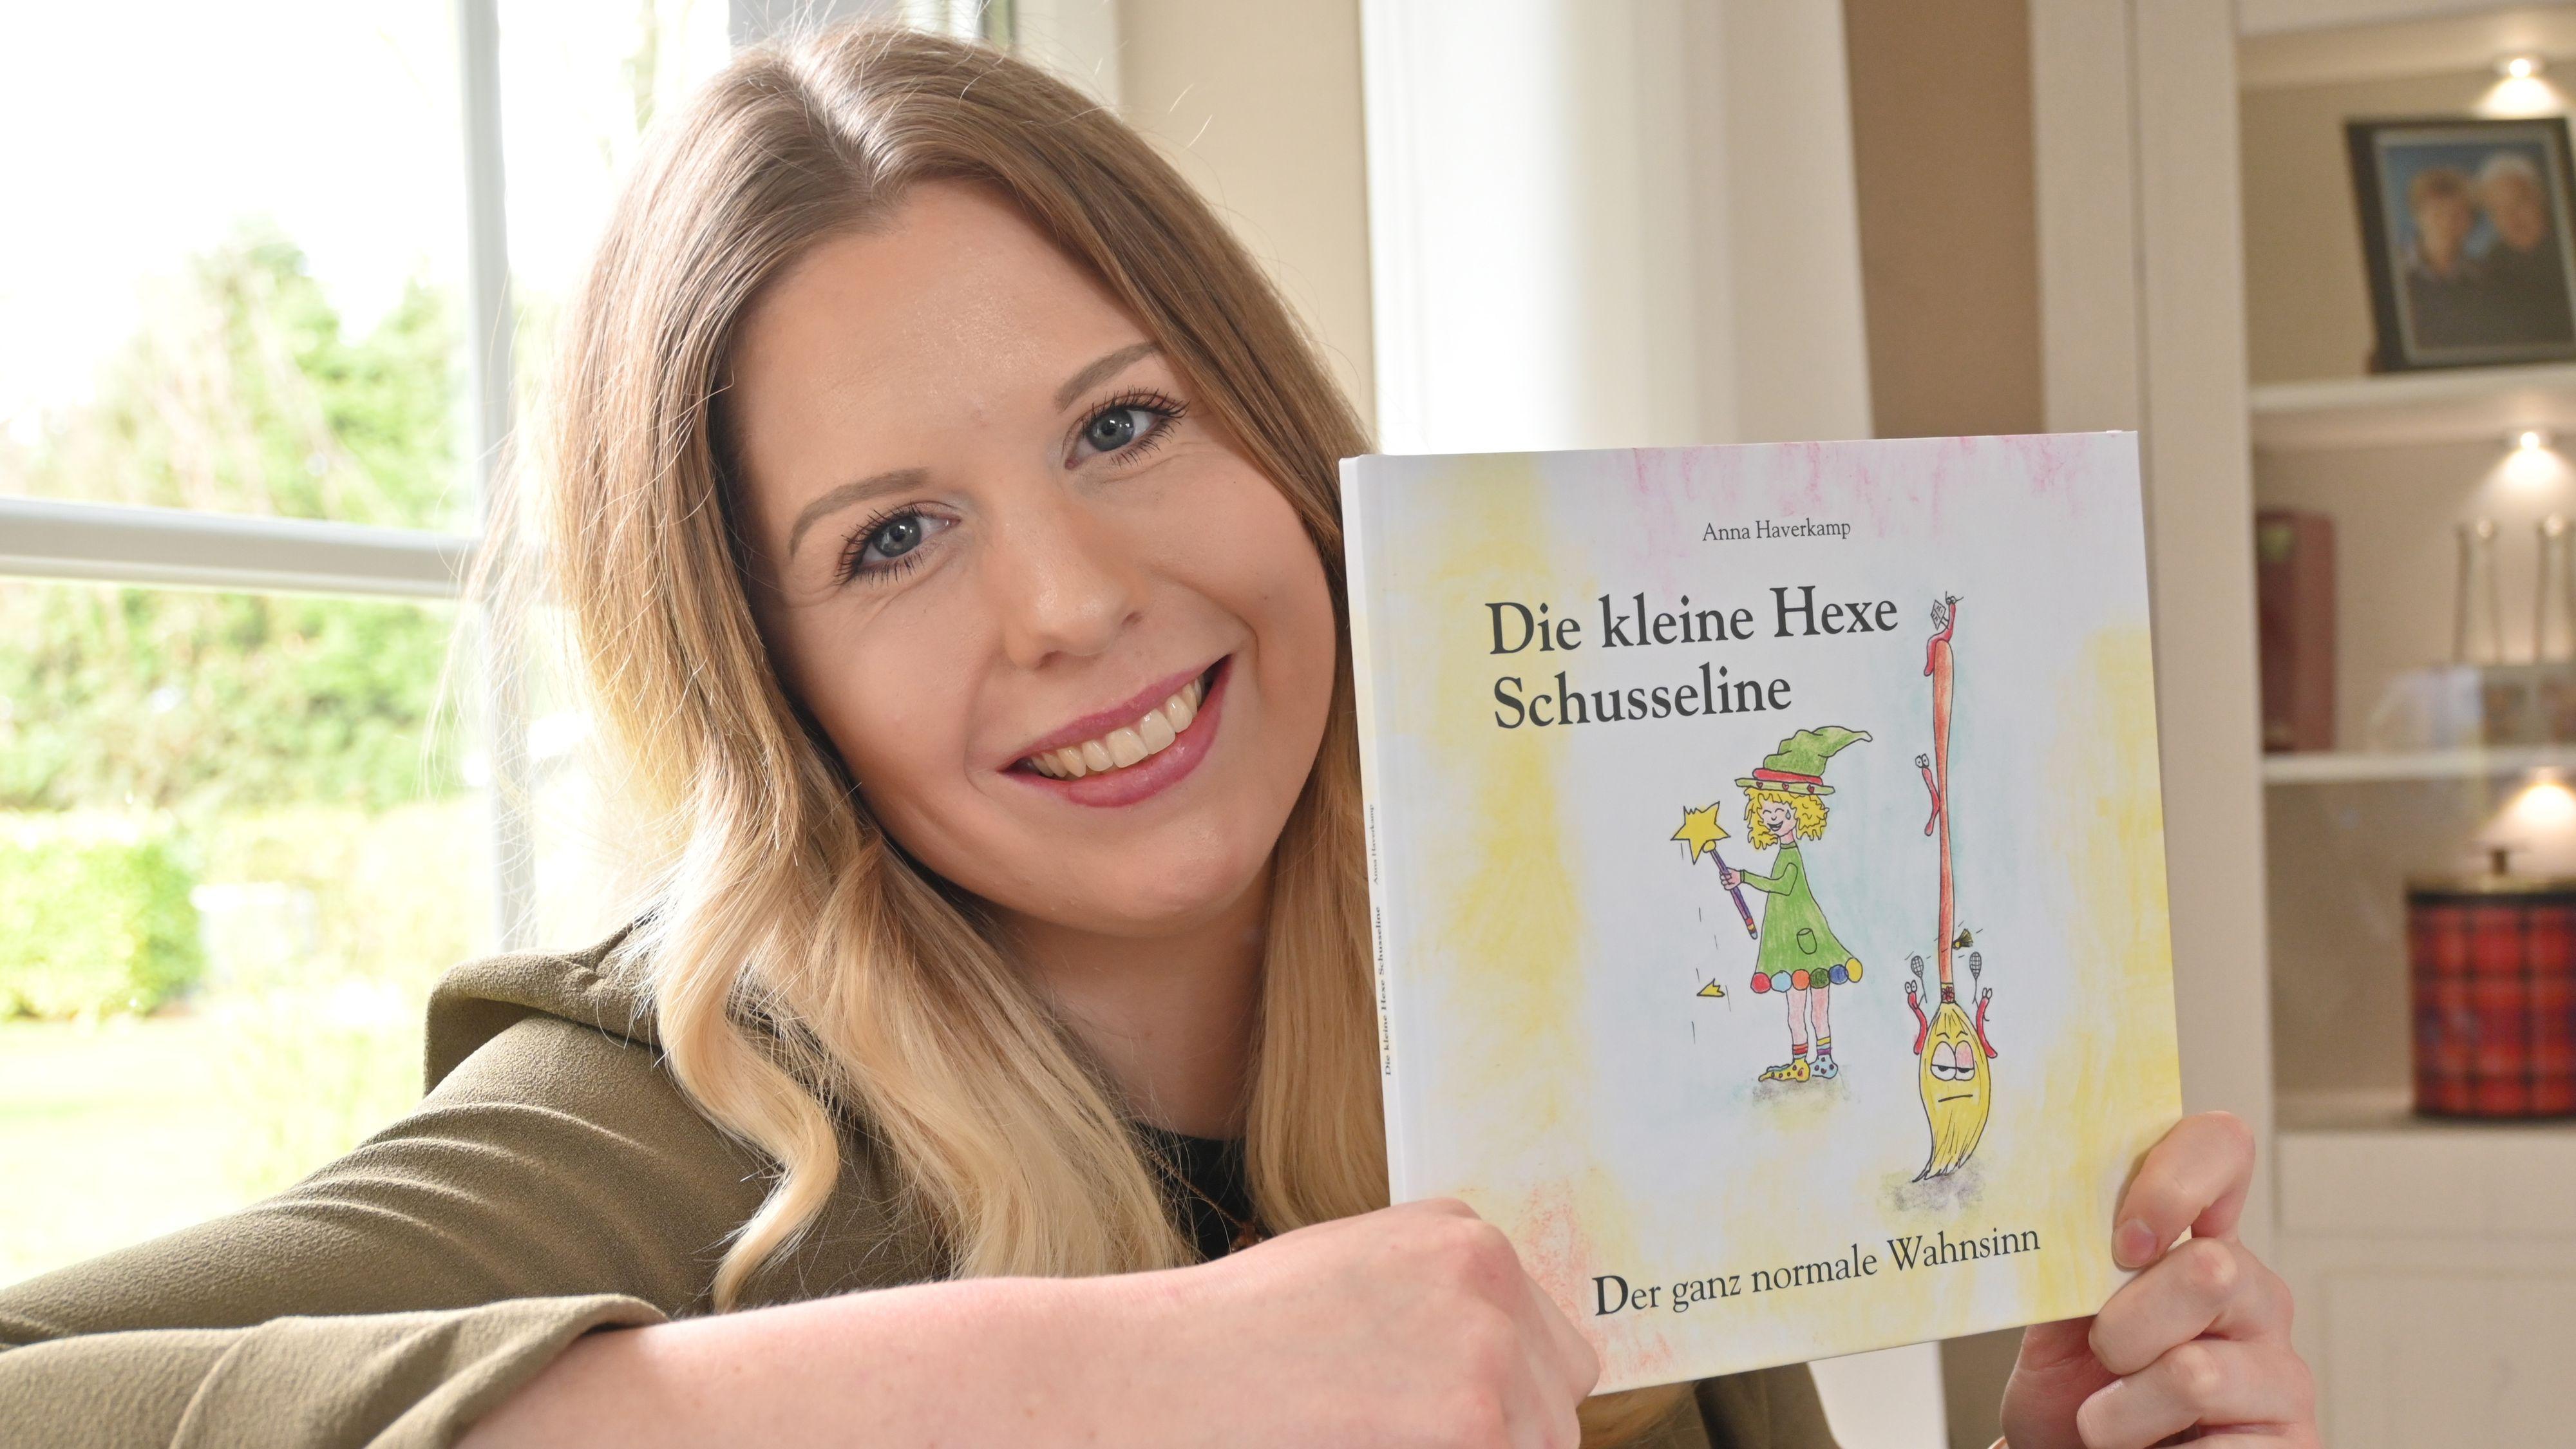 """Debüt: Anna Haverkamp hat sich mit dem Buch """"Die kleine Hexe Schusseline"""" einen lang gehegten Wunsch erfüllt. In Gestaltung und Inhalt hat die angehende Erzieherin ihre bisherigen beruflichen Erfahrungen einfließen lassen. Foto: Thomas Vorwerk"""